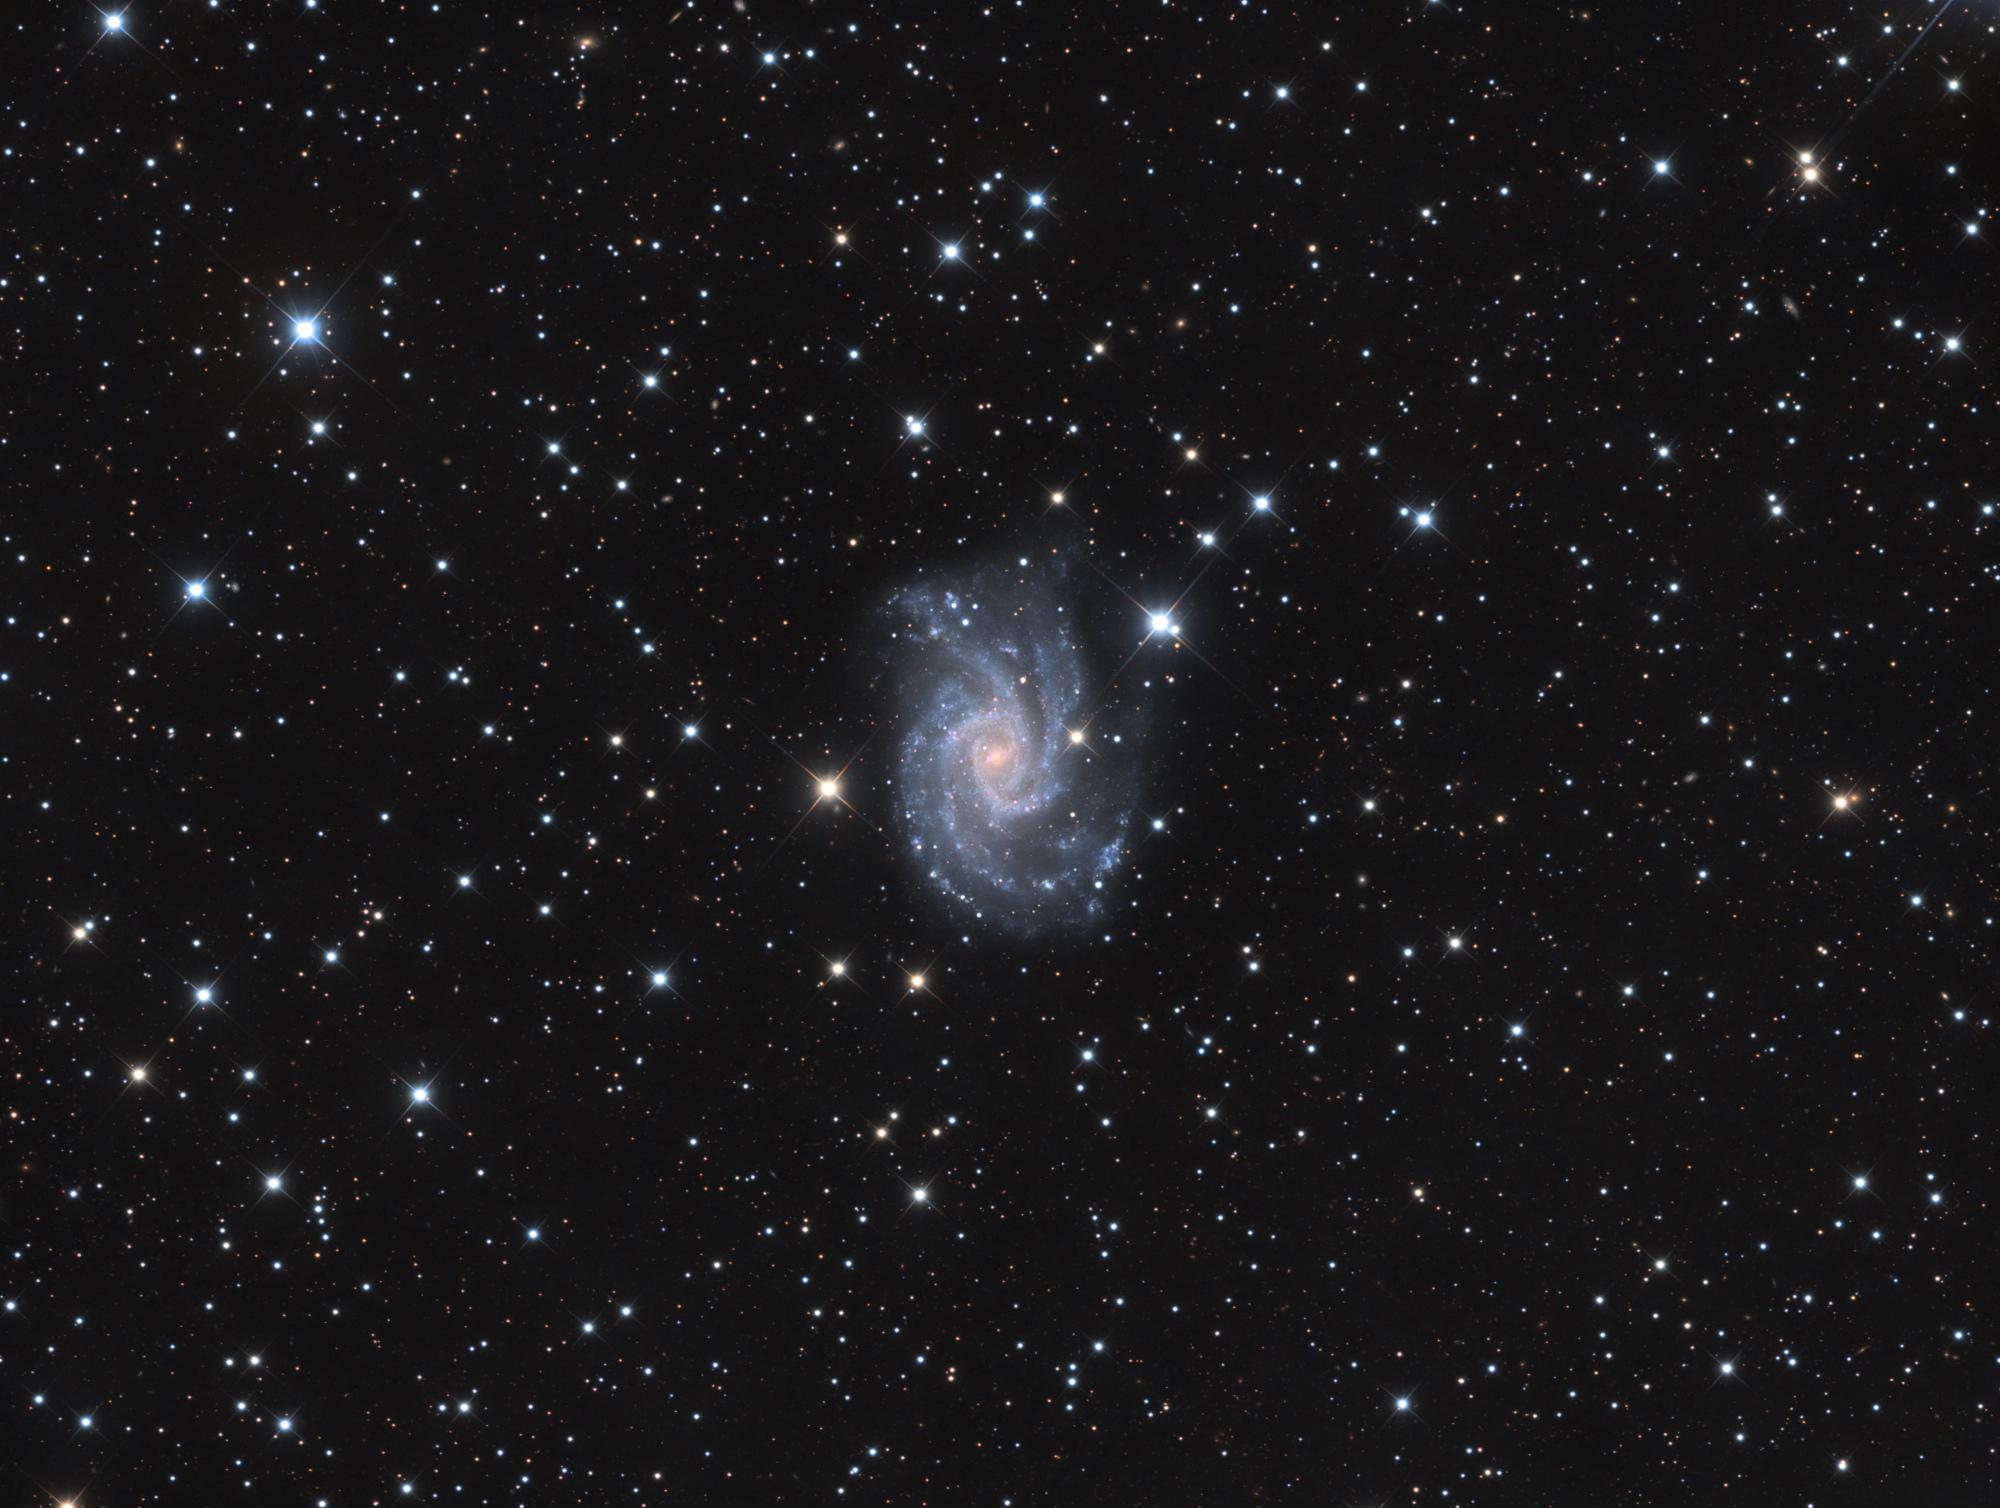 NGC2835-LRVB-V22-Publi.thumb.jpg.c960fd8e2257a2939ec1024bbf9f6ce6.jpg